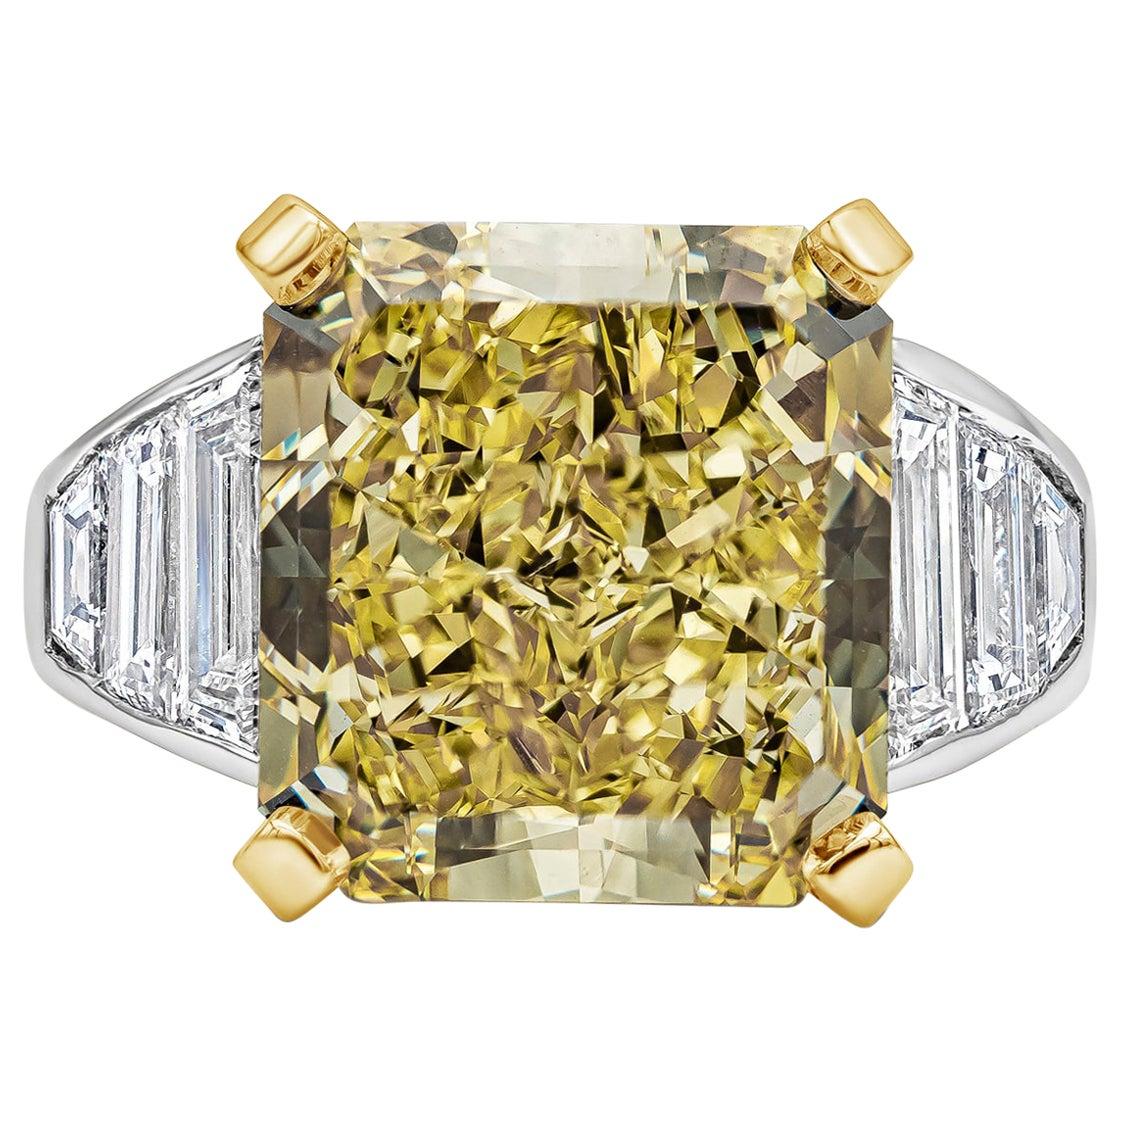 GIA Certified 11.30 Carat Intense Yellow Radiant Cut Diamond Engagement Ring